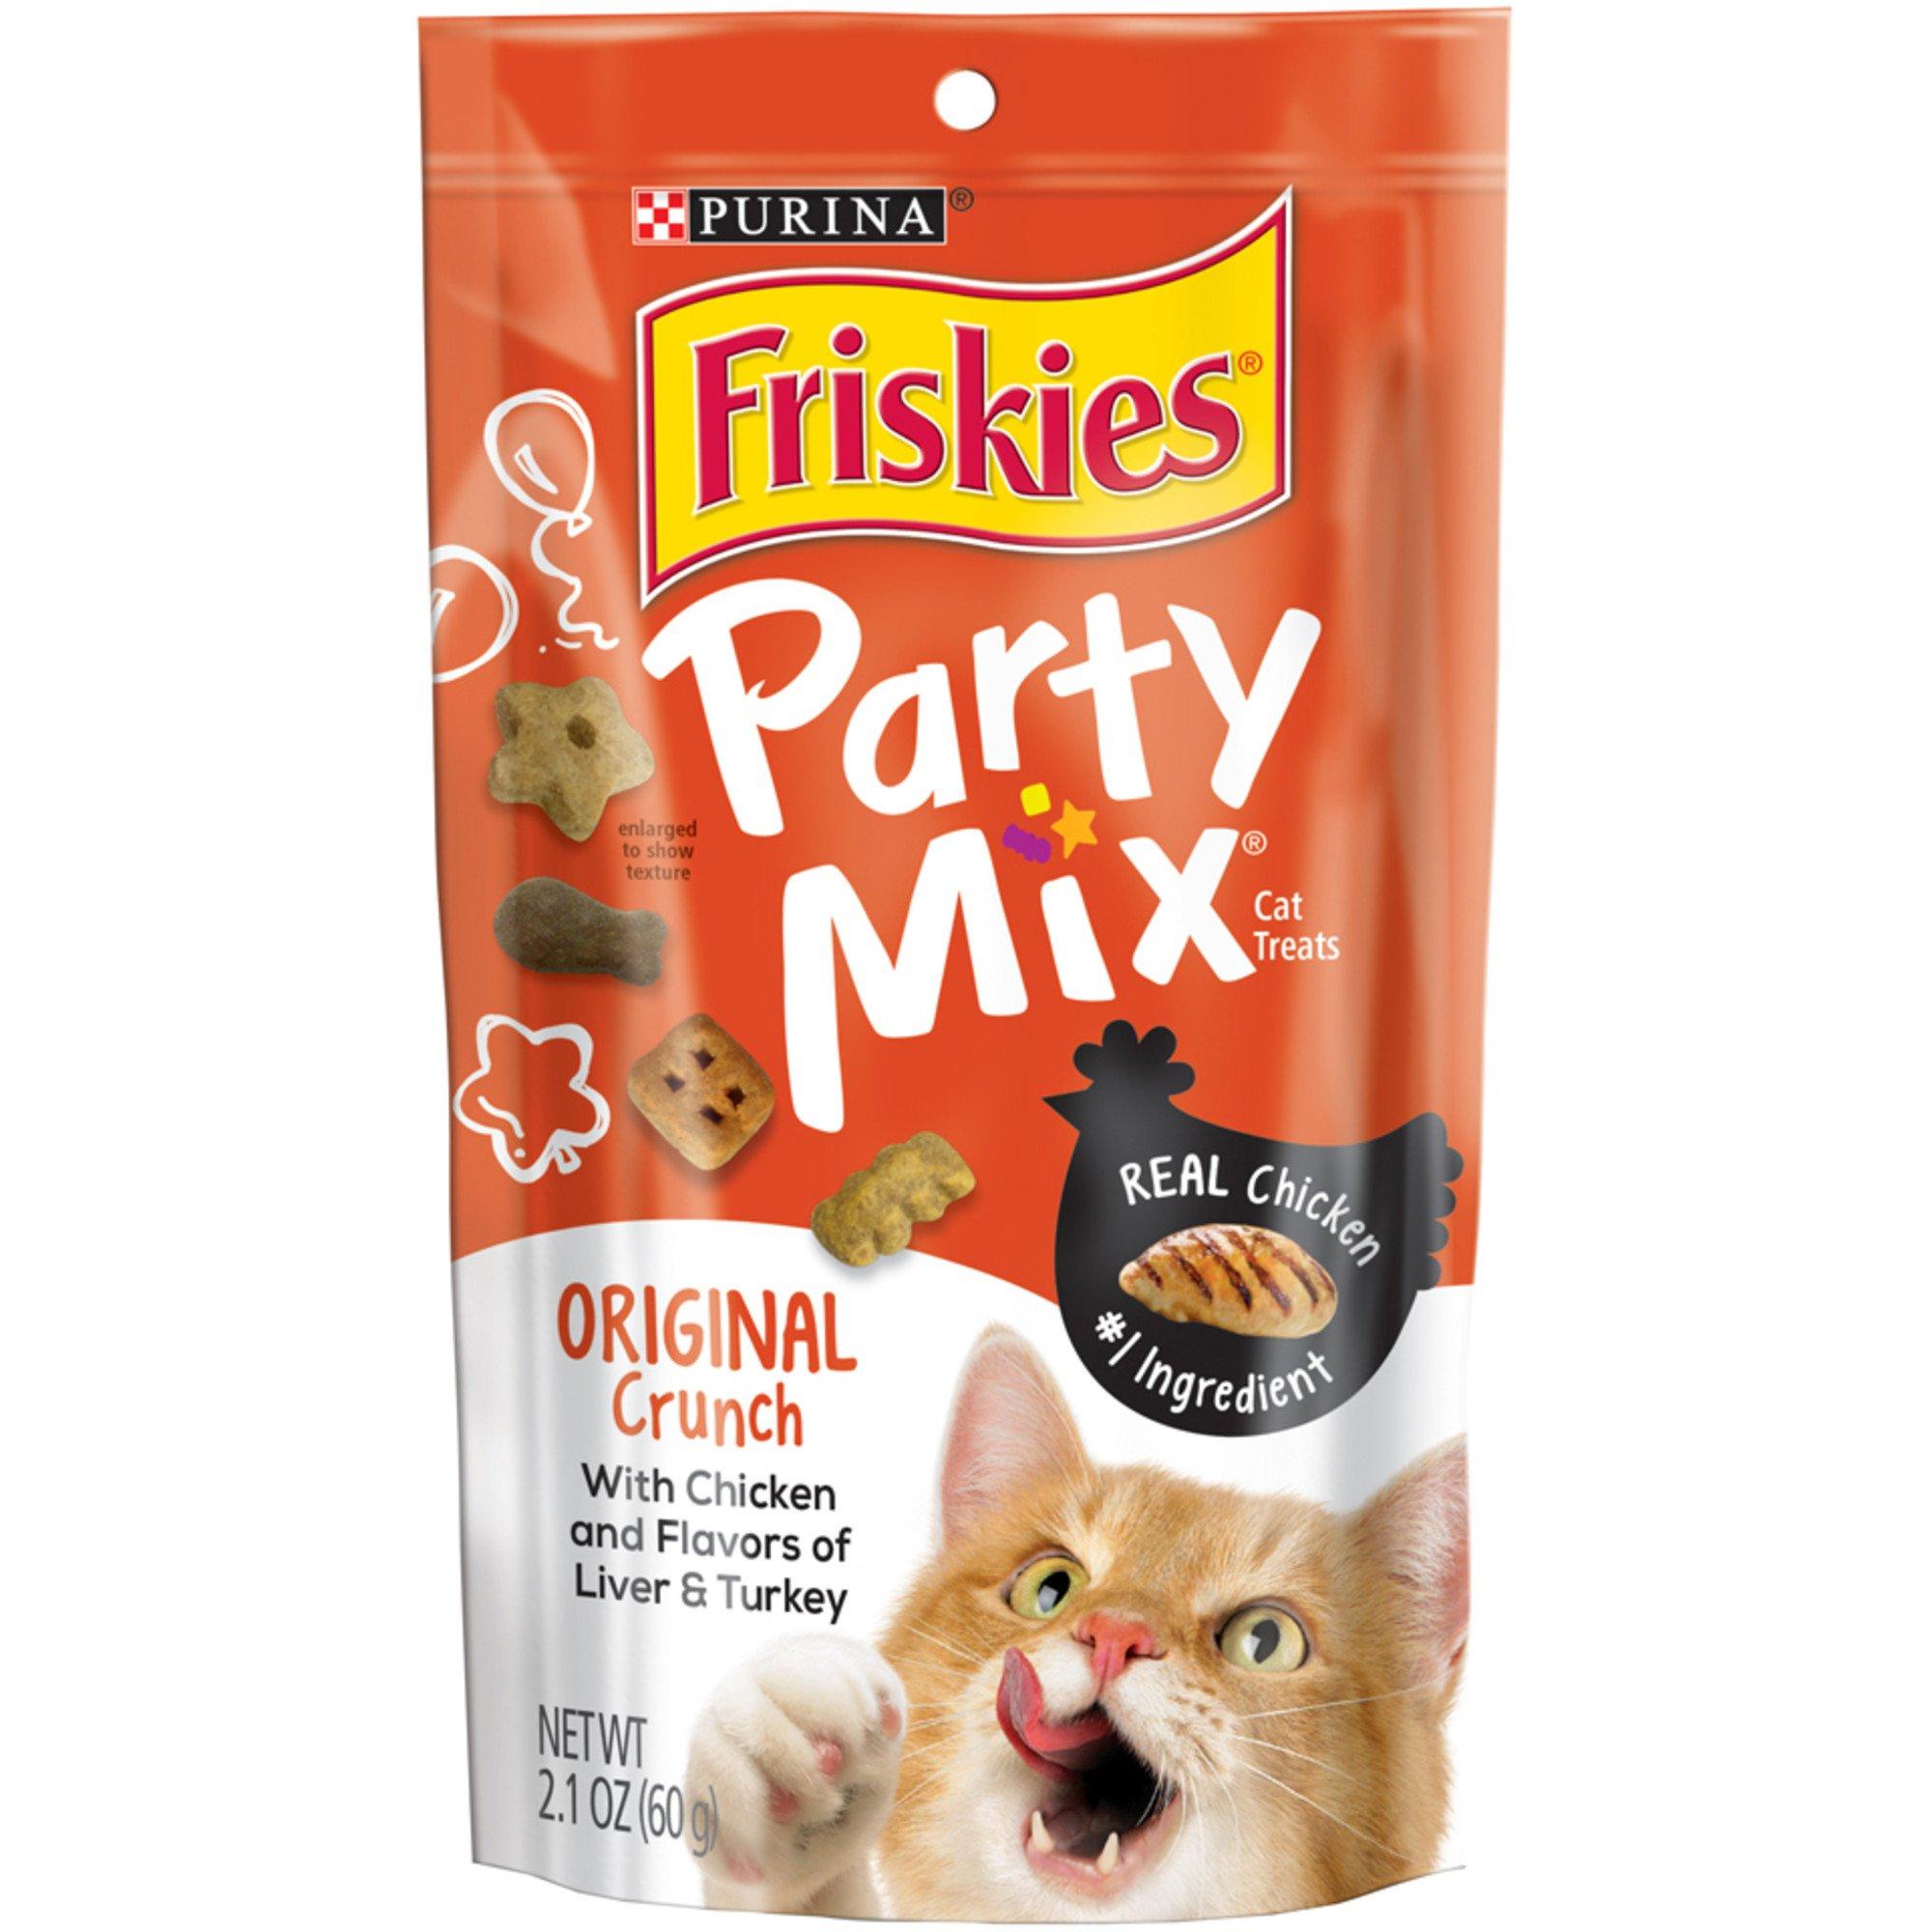 Friskies Original Crunch Party Mix Cat Treats